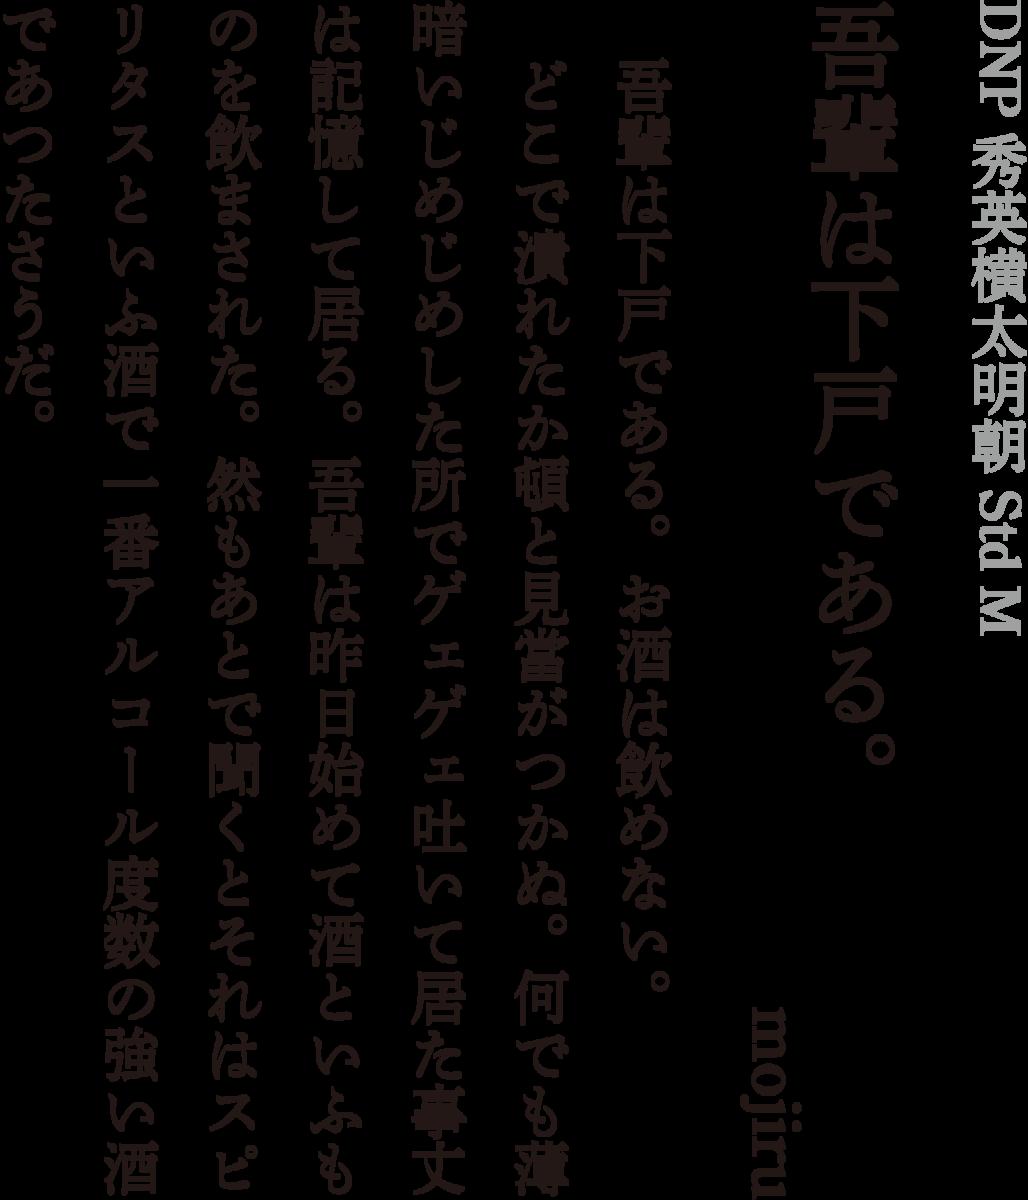 f:id:mojiru:20190411095832p:plain